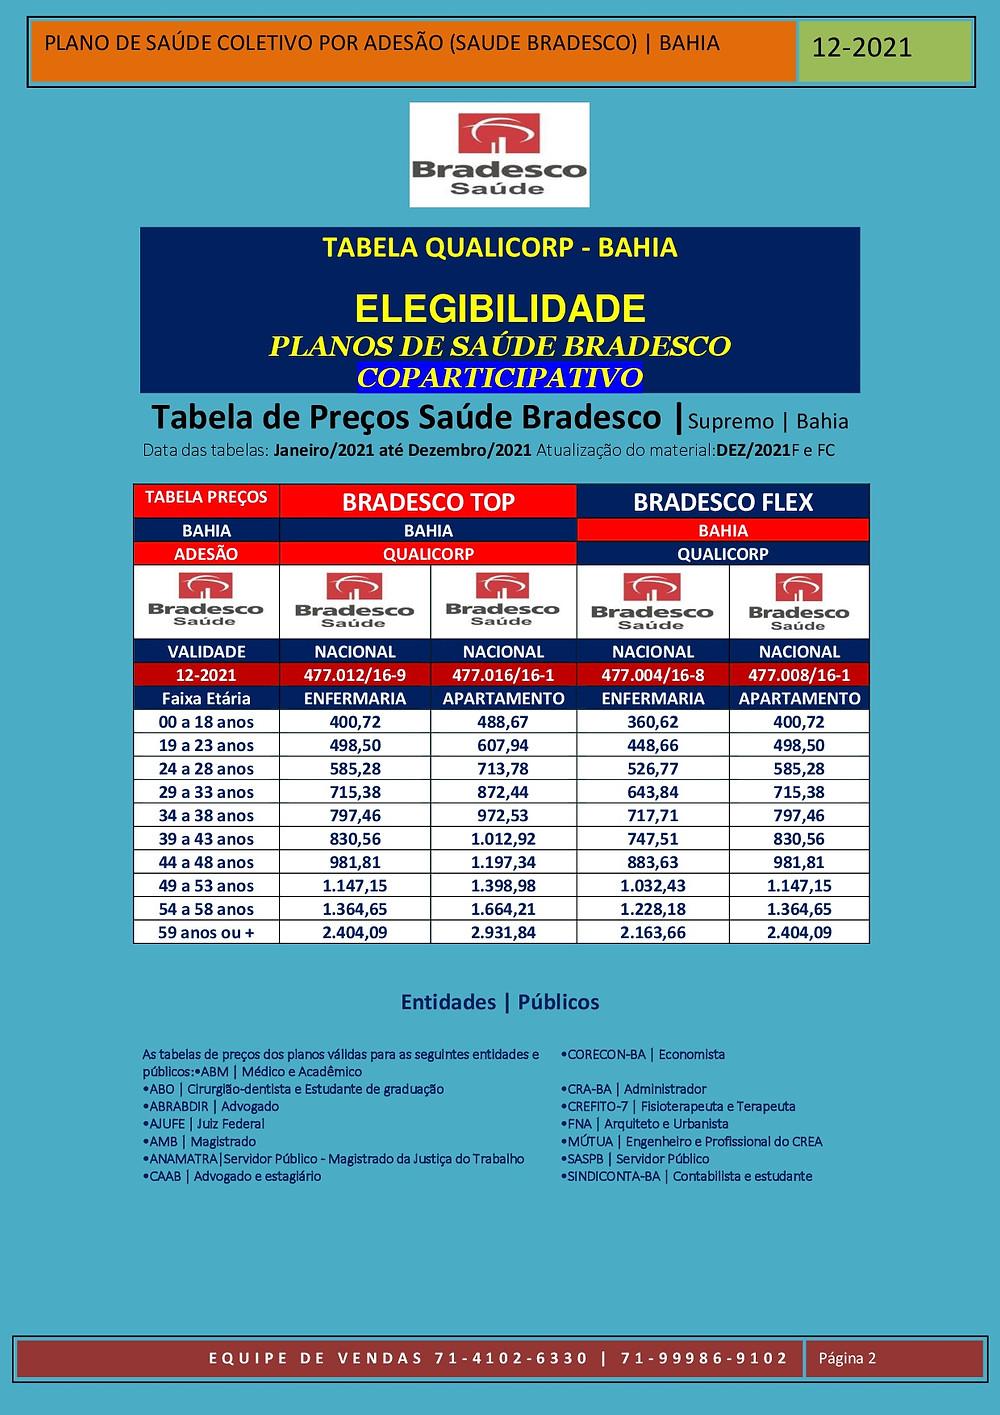 Tabela comparativa de preços planos de saude